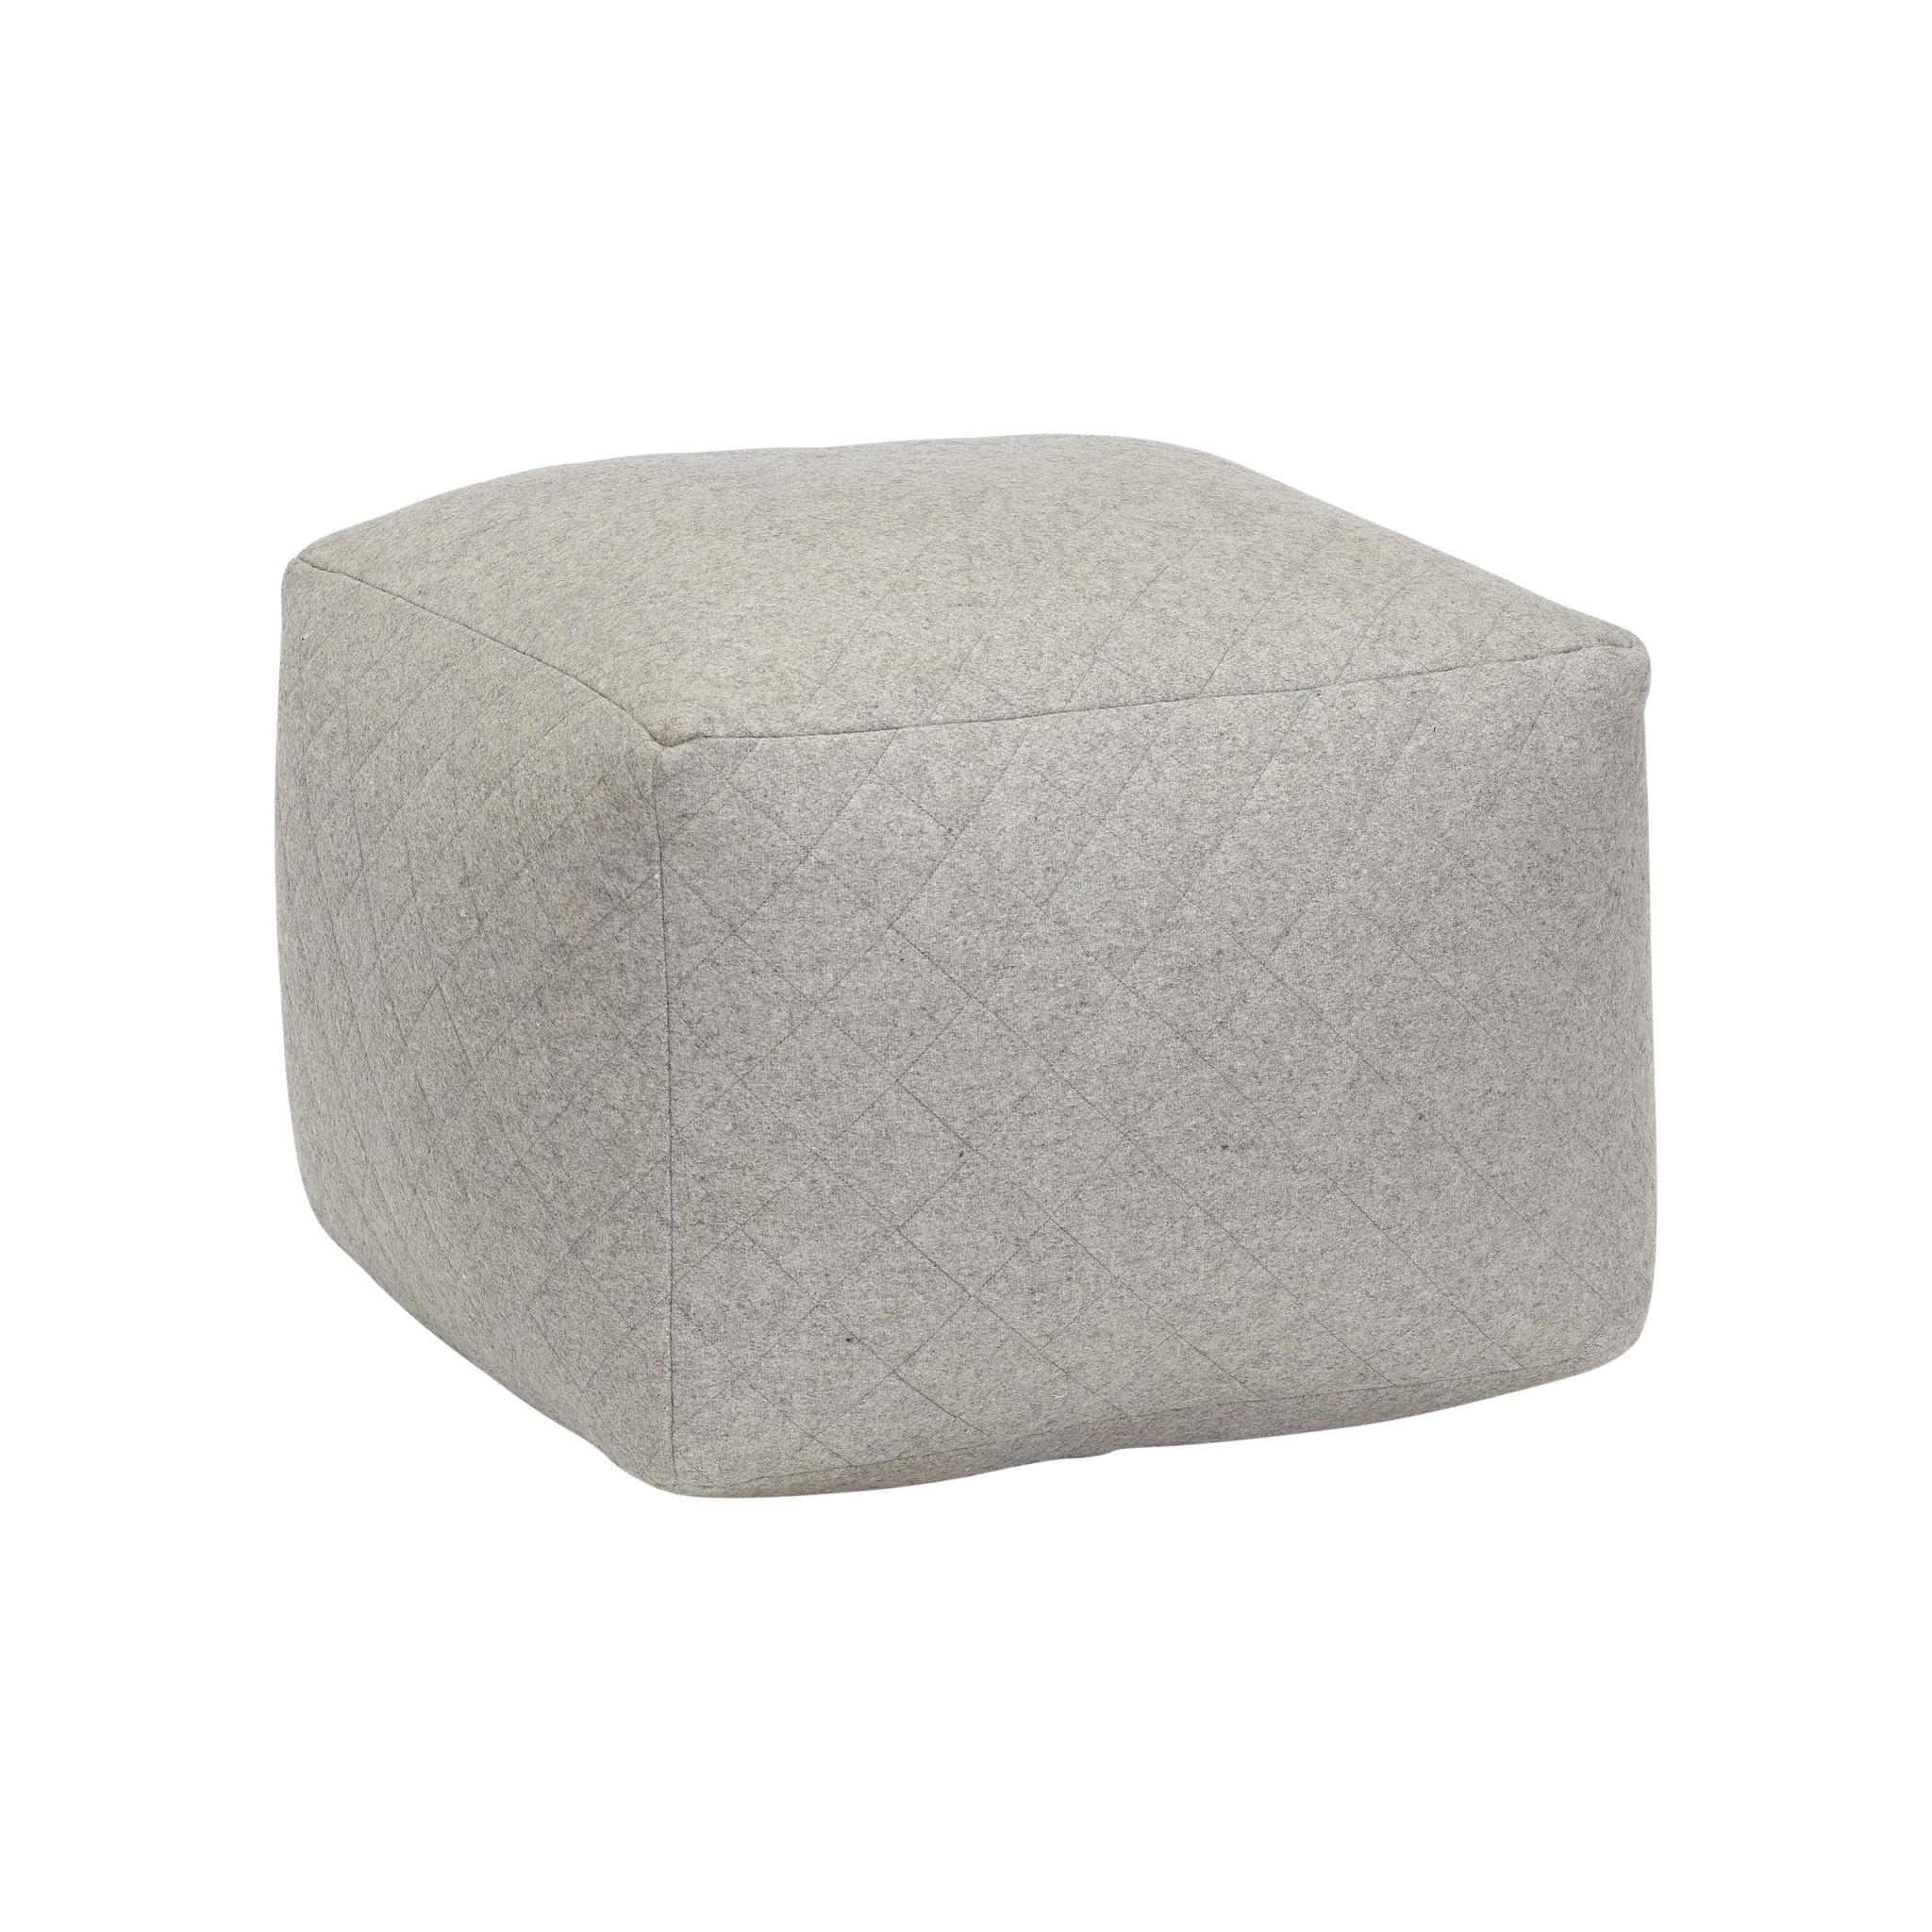 Hubsch Poef, vierkant, wol, grijs-700601-5712772051566